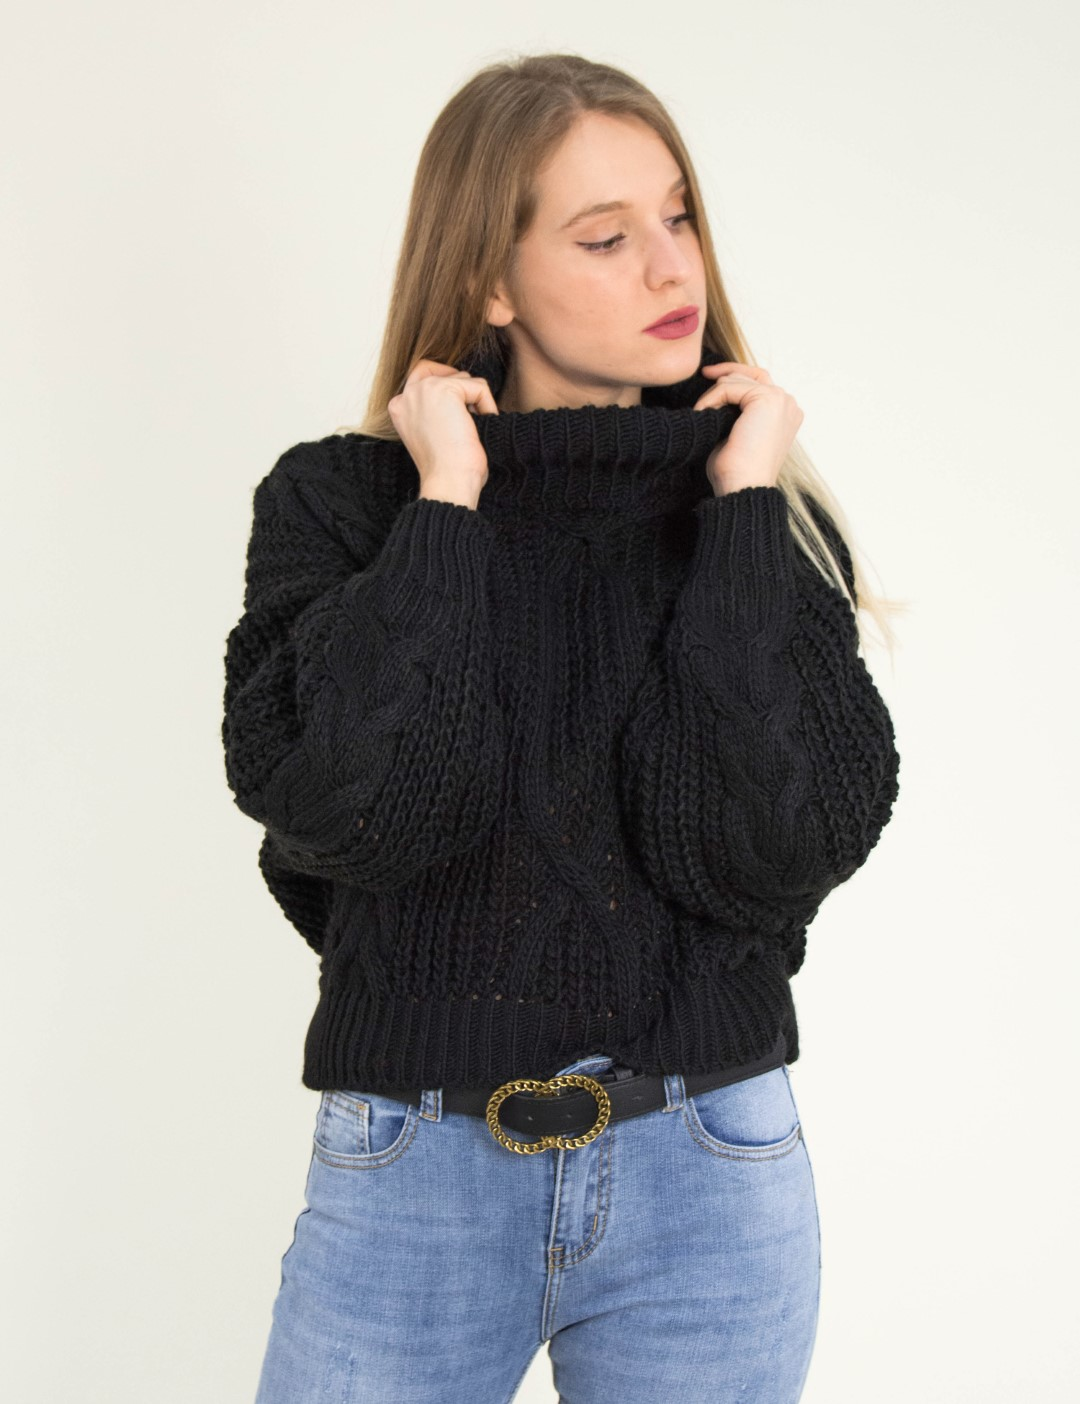 Γυναικείο μαύρο πλεκτό πουλόβερ χοντρό ζιβάγκο 3214E c2bfb67b96c